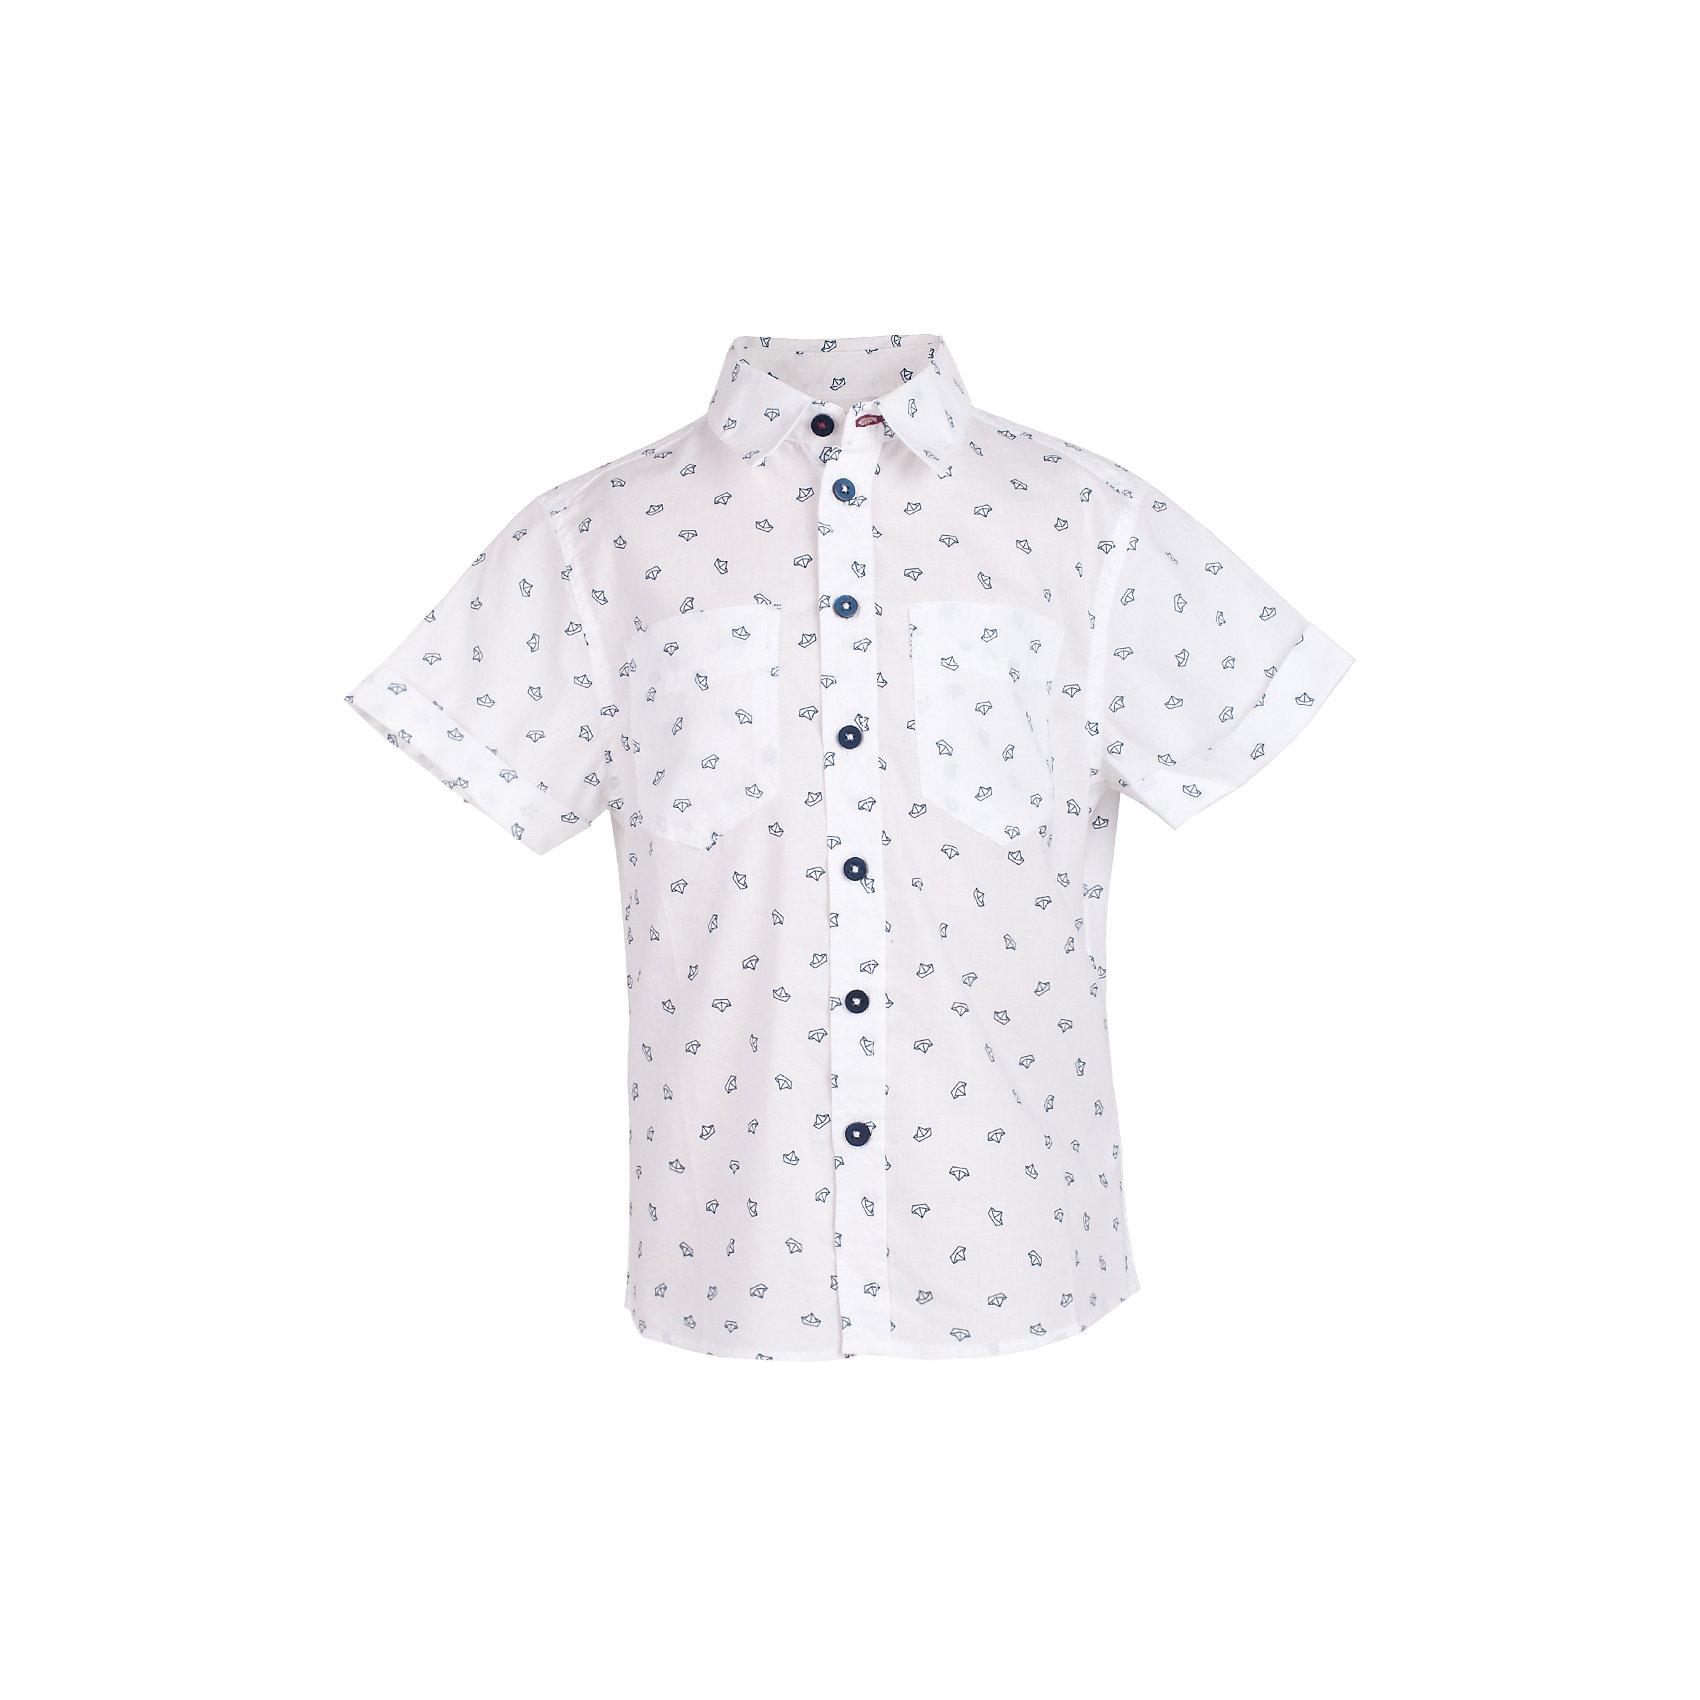 Сорочка для мальчика  BUTTON BLUEБлузки и рубашки<br>Сорочка для мальчика  BUTTON BLUE<br>Белая рубашка с модным мелким рисунком - яркий акцент повседневного образа ребенка. Купить рубашку для мальчика стоит ранней весной, и сочетать ее с футболкой, толстовкой, джемпером, создавая модные многослойные решения. И для лета рубашка с коротким рукавом из 100% хлопка - отличный вариант. С брюками, шортами, джинсами она будет выглядеть свежо и стильно!<br>Состав:<br>100%  хлопок<br><br>Ширина мм: 174<br>Глубина мм: 10<br>Высота мм: 169<br>Вес г: 157<br>Цвет: разноцветный<br>Возраст от месяцев: 144<br>Возраст до месяцев: 156<br>Пол: Мужской<br>Возраст: Детский<br>Размер: 158,98,104,110,116,122,128,134,140,146,152<br>SKU: 5524488